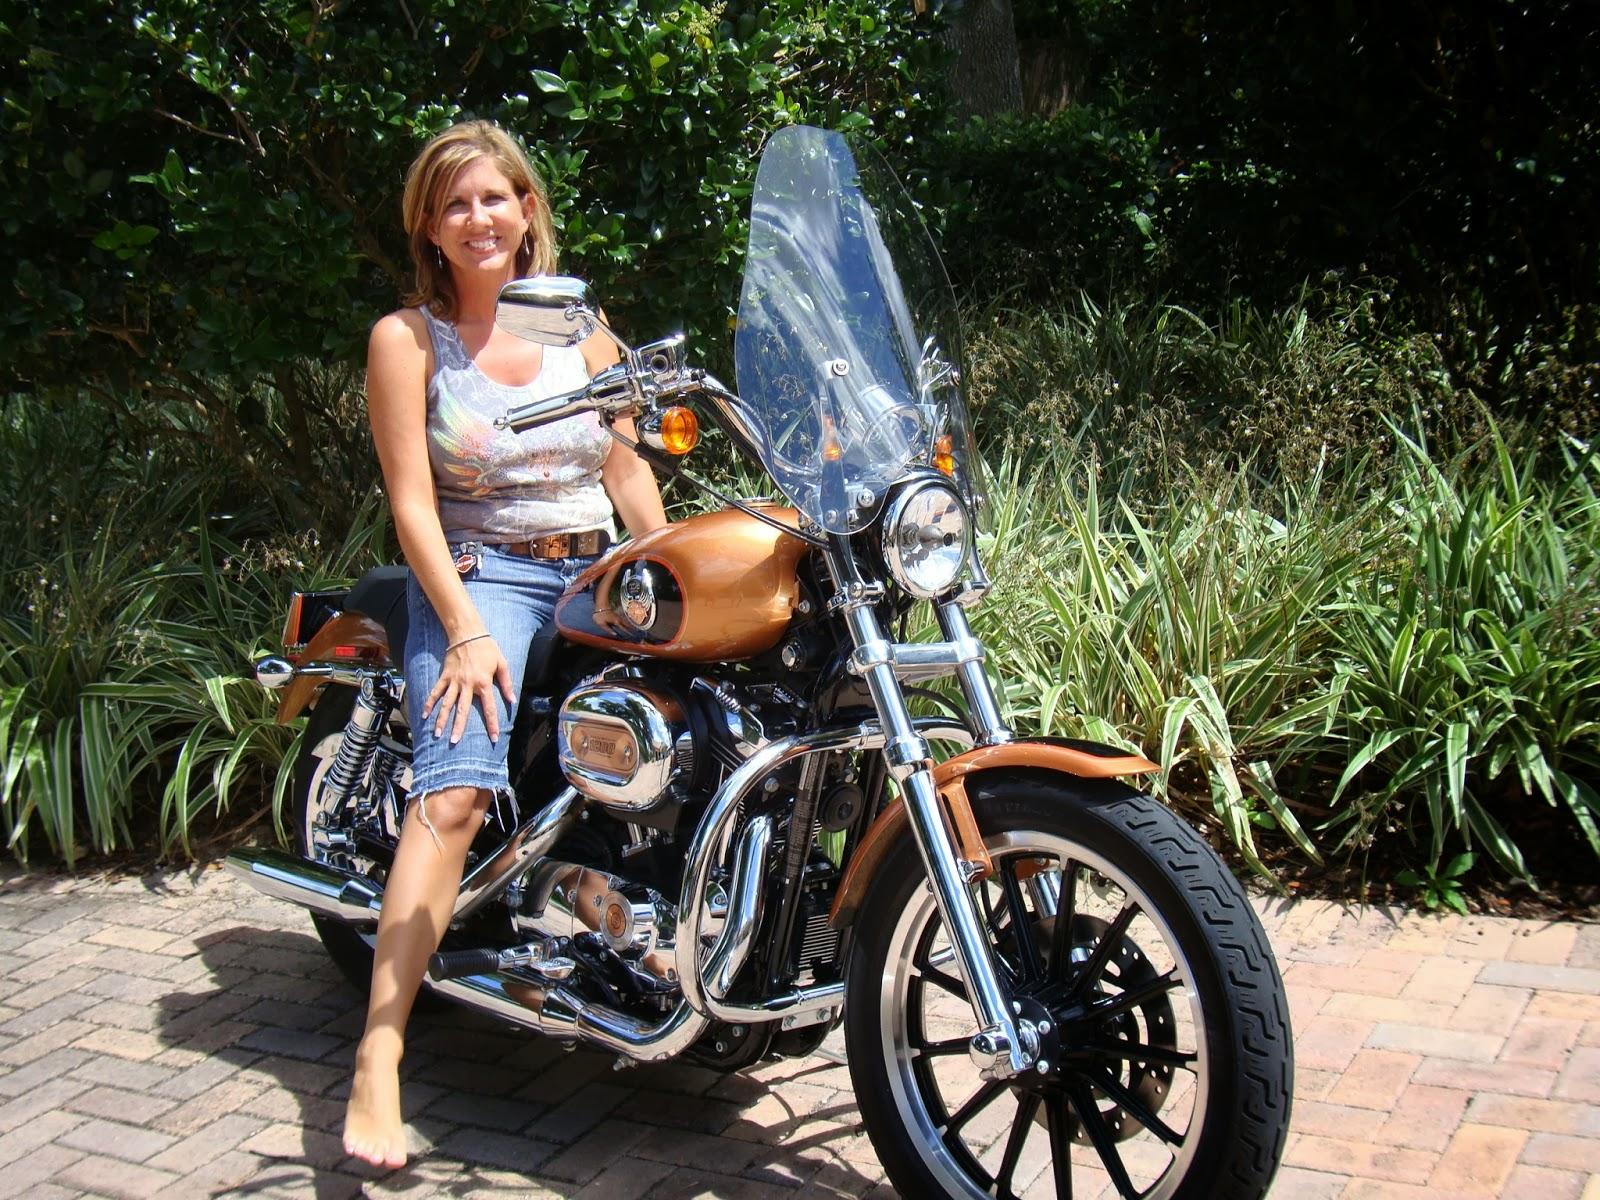 Naomi Loomis Motorcycles